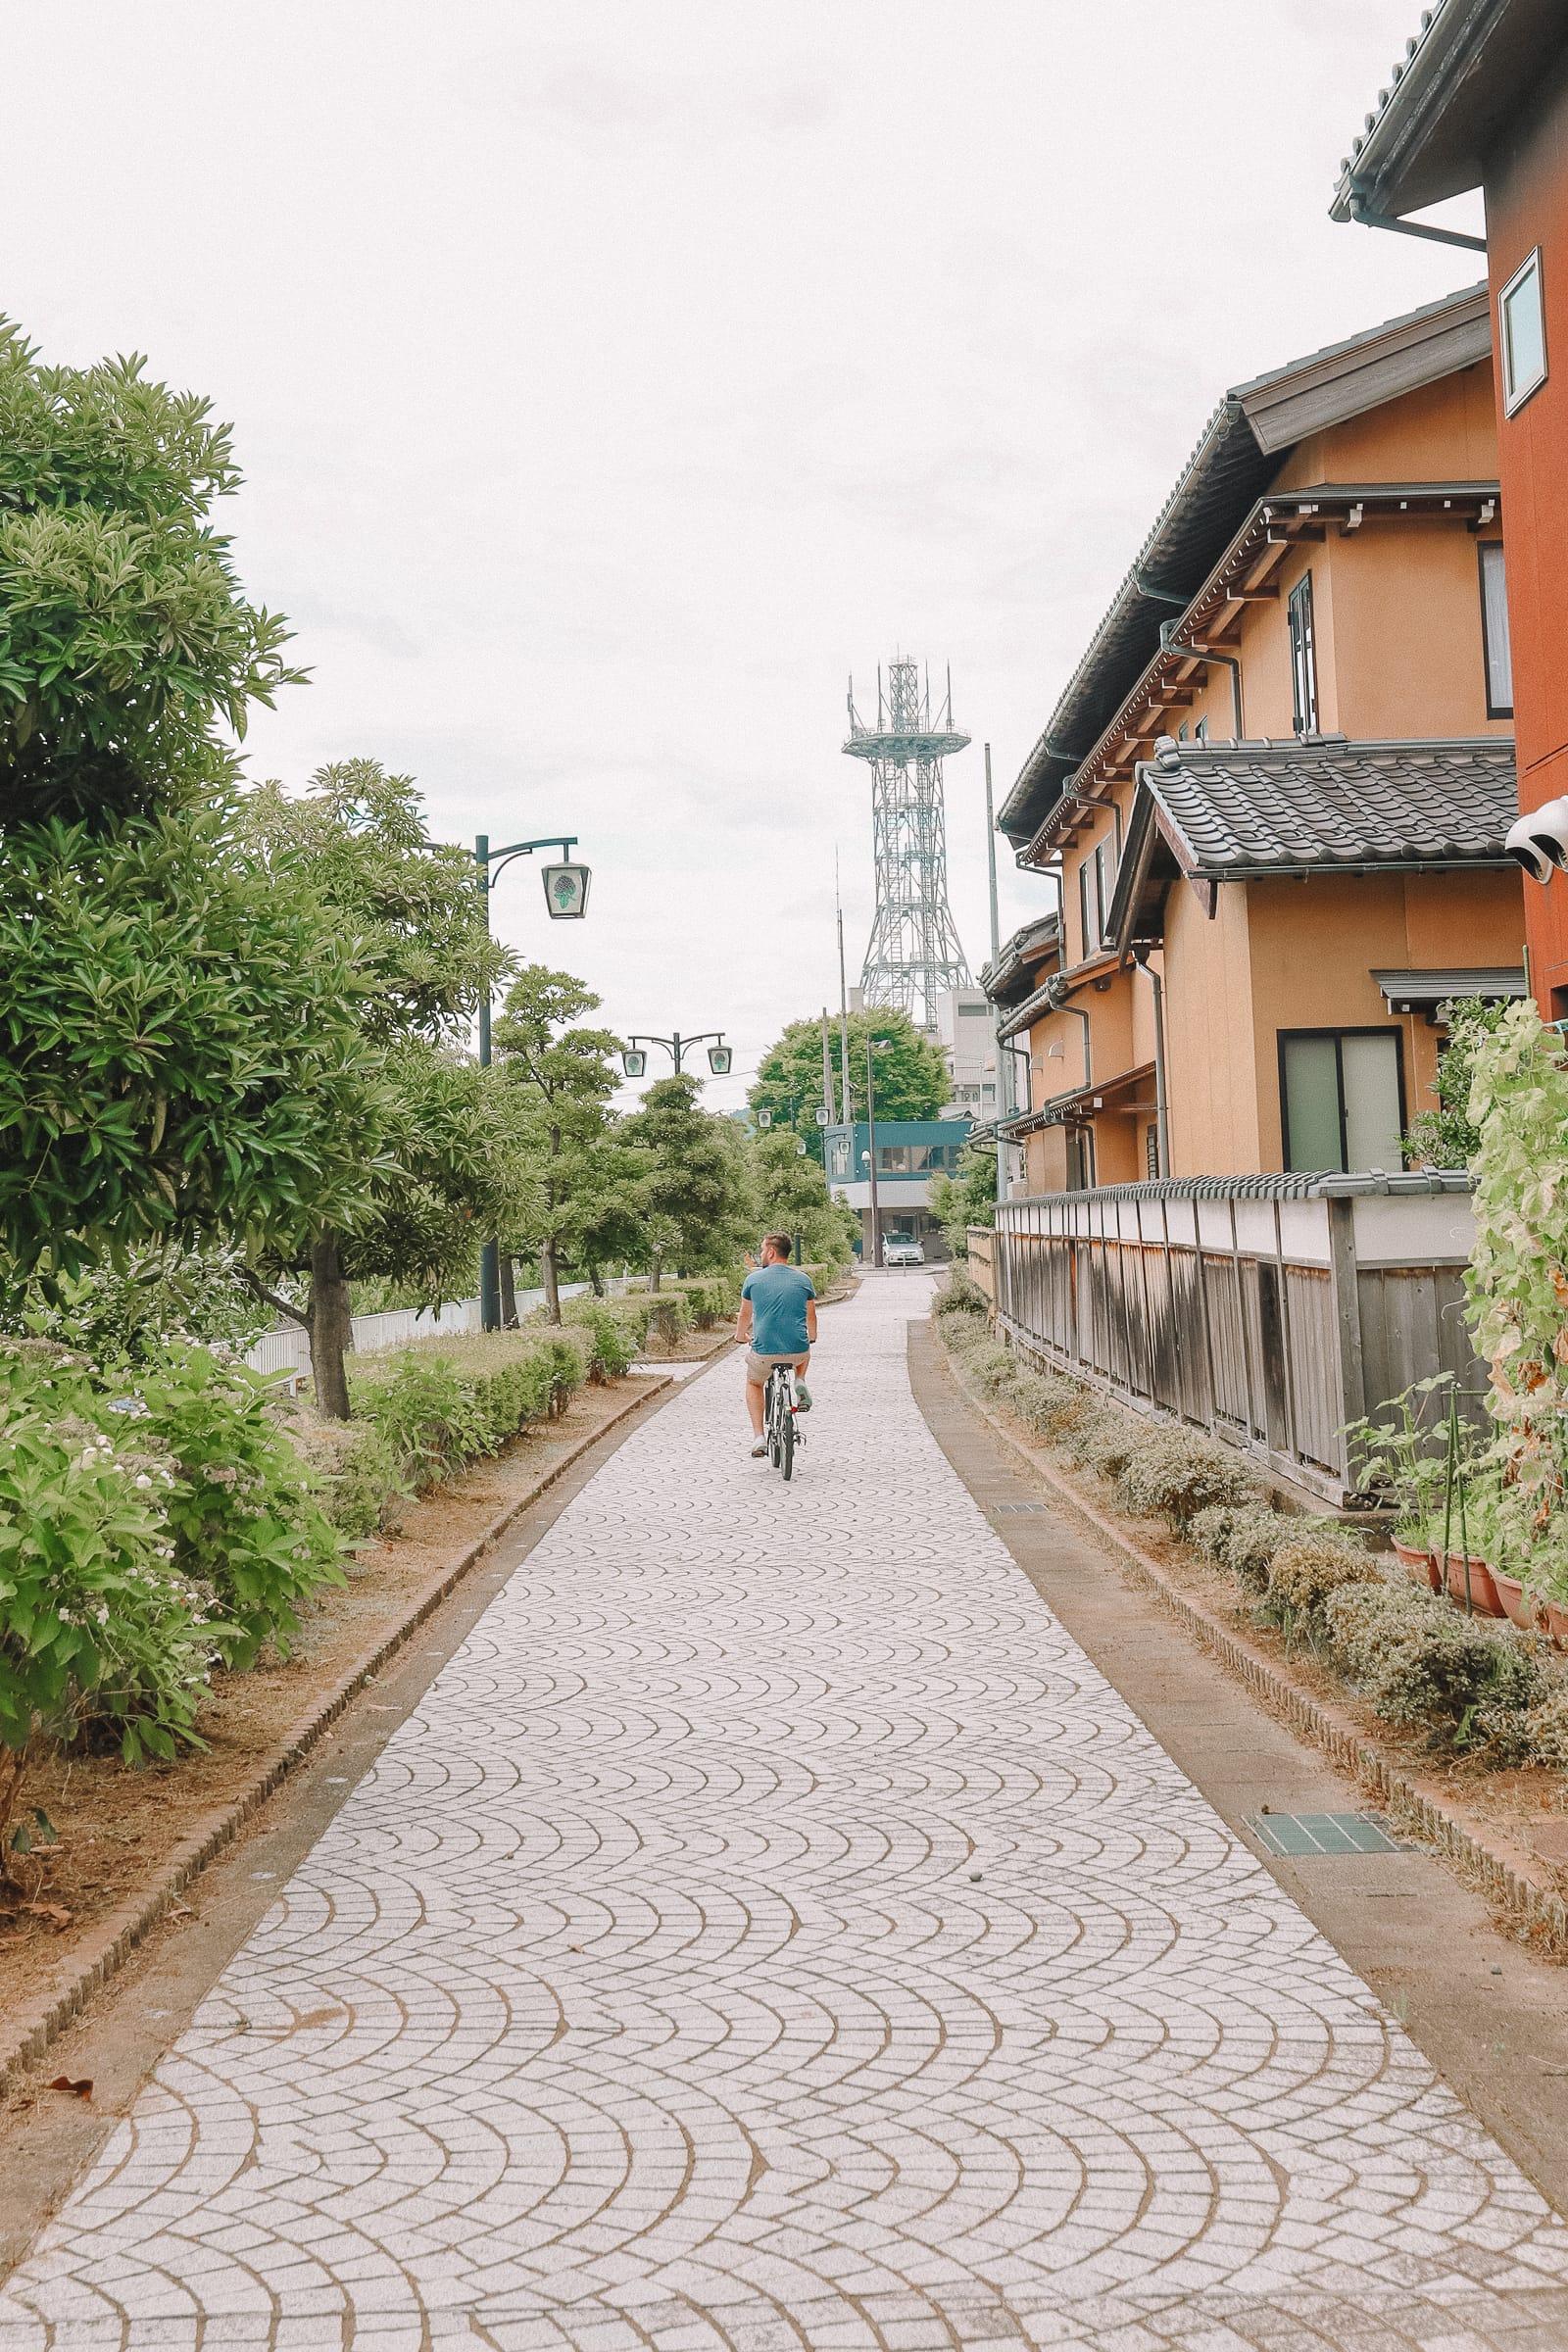 Finding The Samurai District Of Kanazawa and Hakusan City - Japan (41)